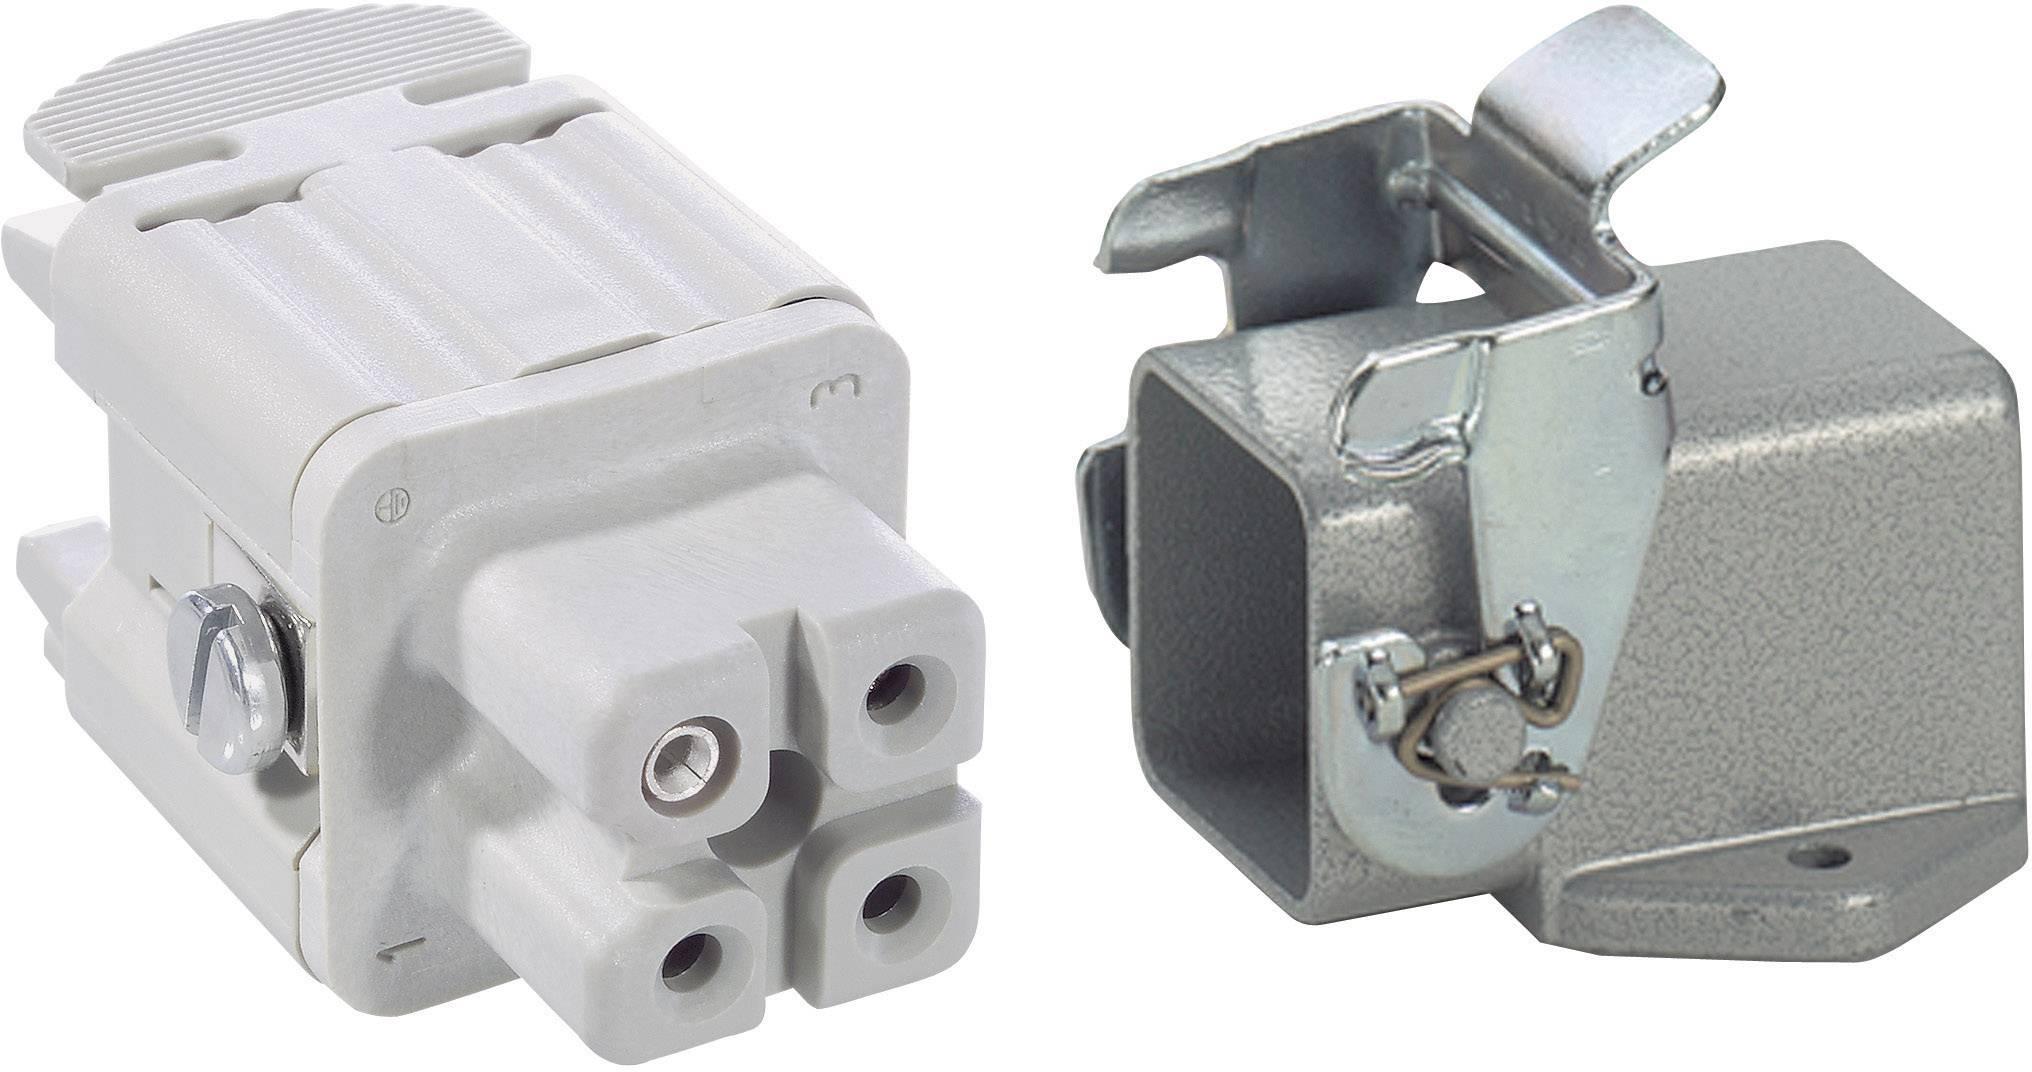 Sada konektorů EPIC®KIT H-A 3 75009608 LappKabel 3 + PE šroubovací 1 sada